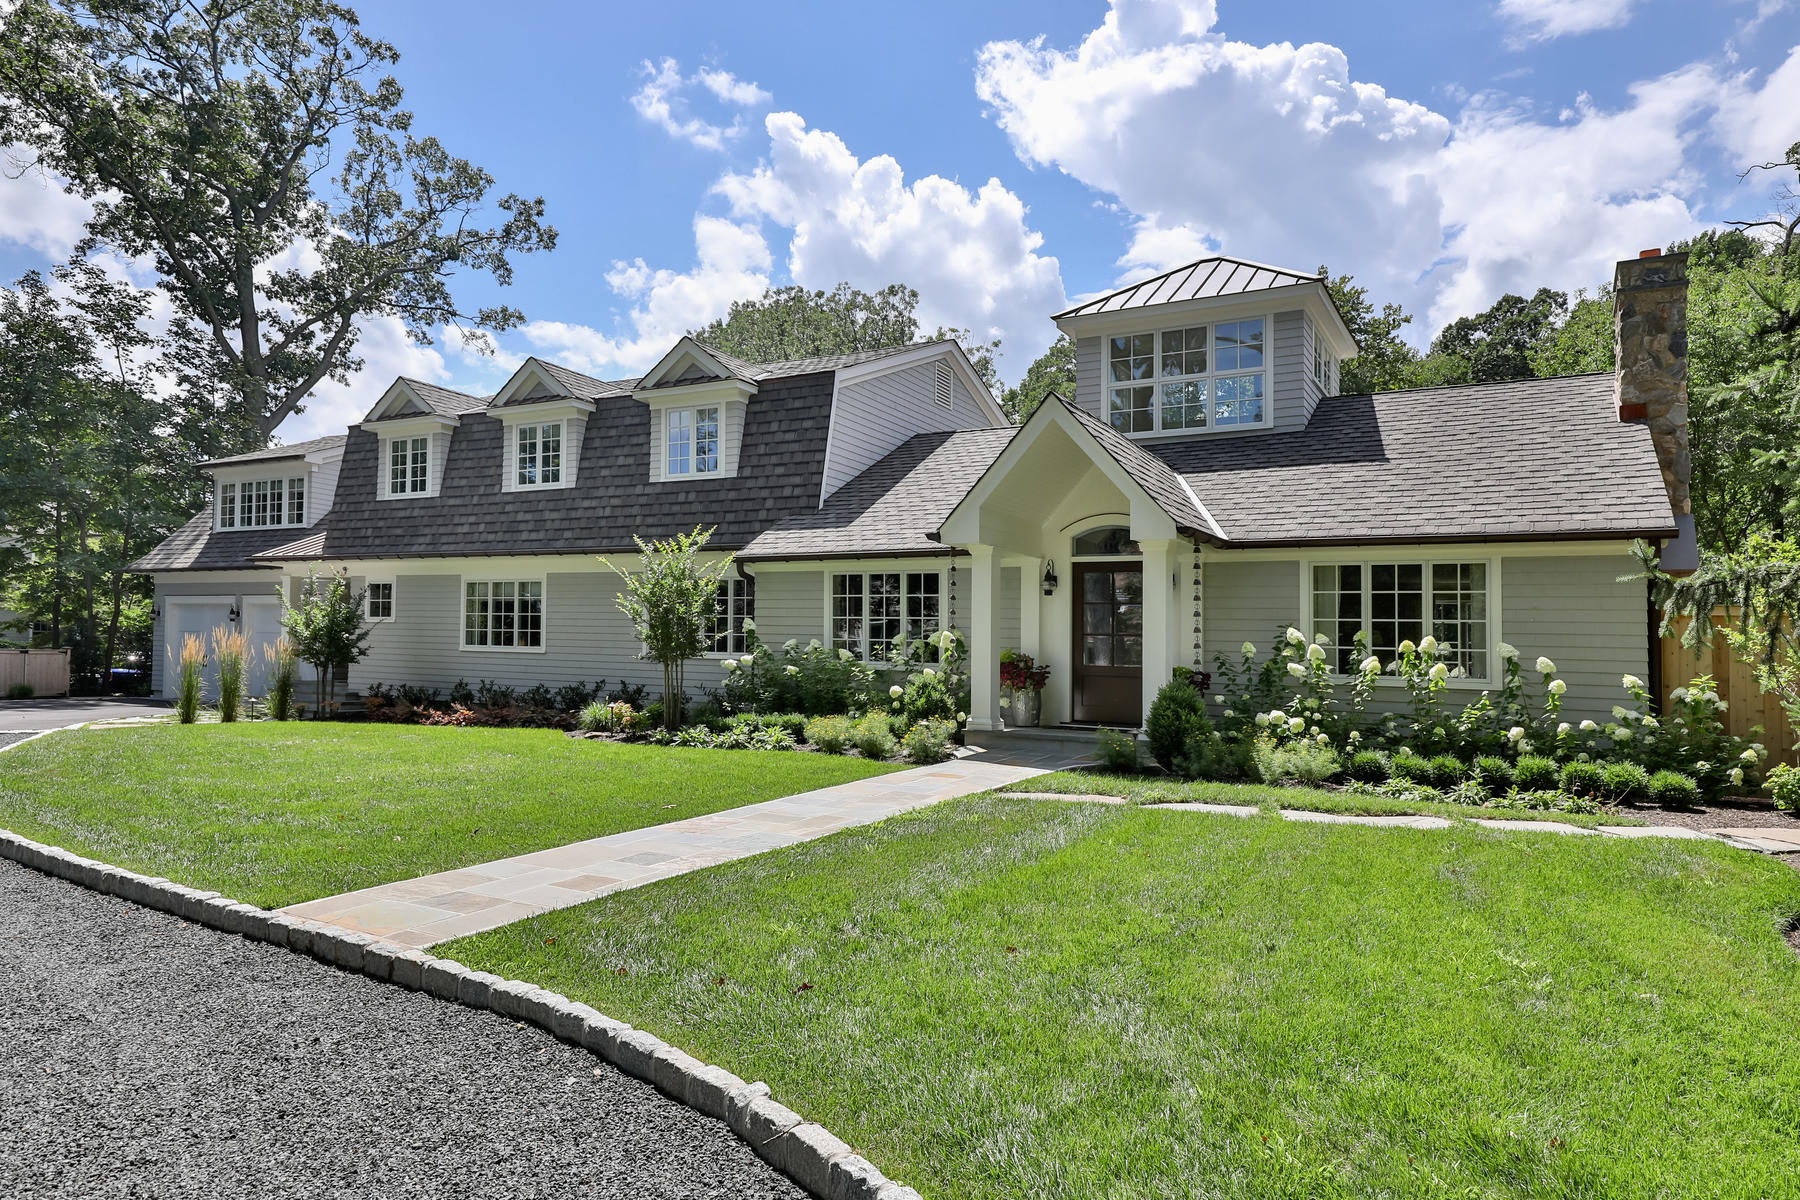 Maison unifamiliale pour l Vente à Spectacular Custom Colonial 3 Wood Lane, Rumson, New Jersey 07760 États-Unis